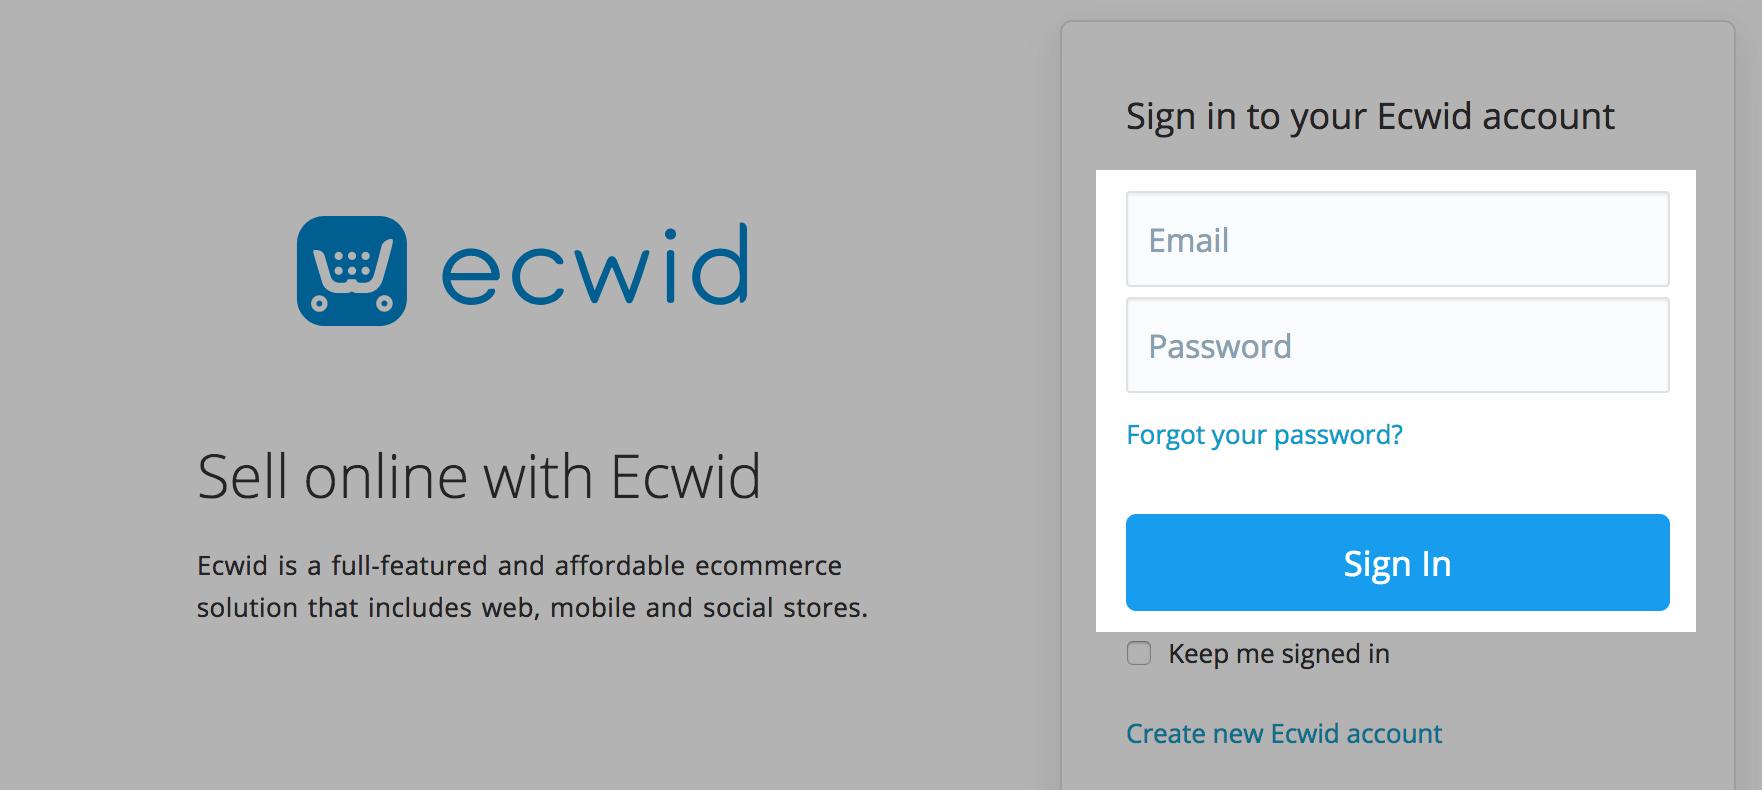 login to ecwid